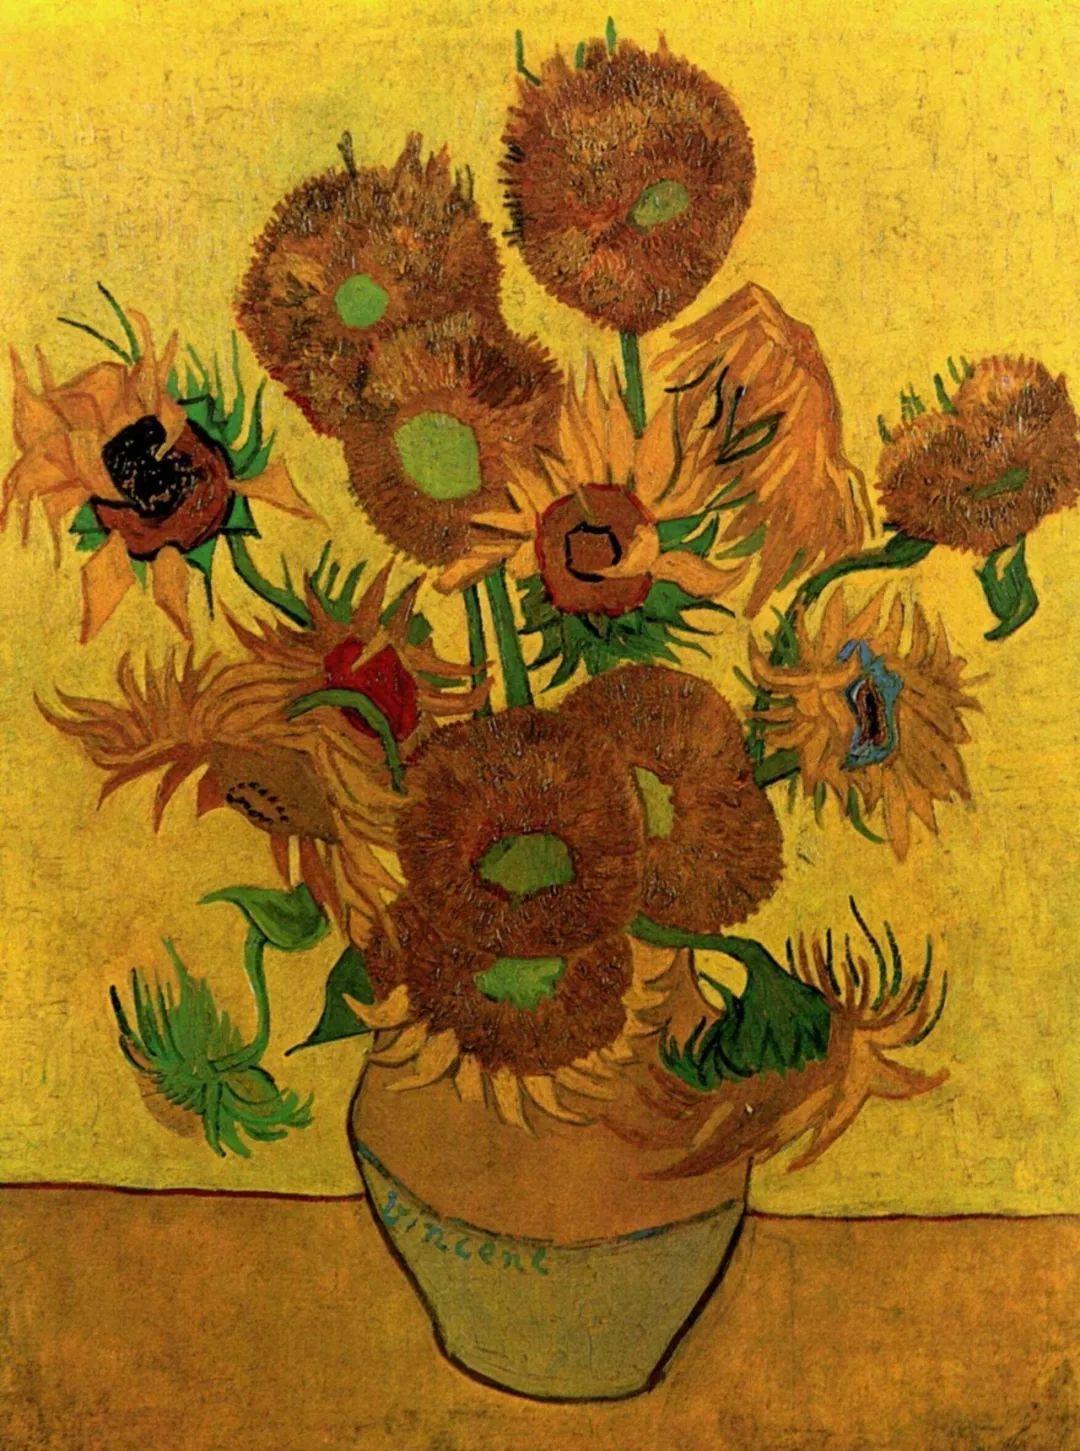 梵高的花,如同生命在燃烧